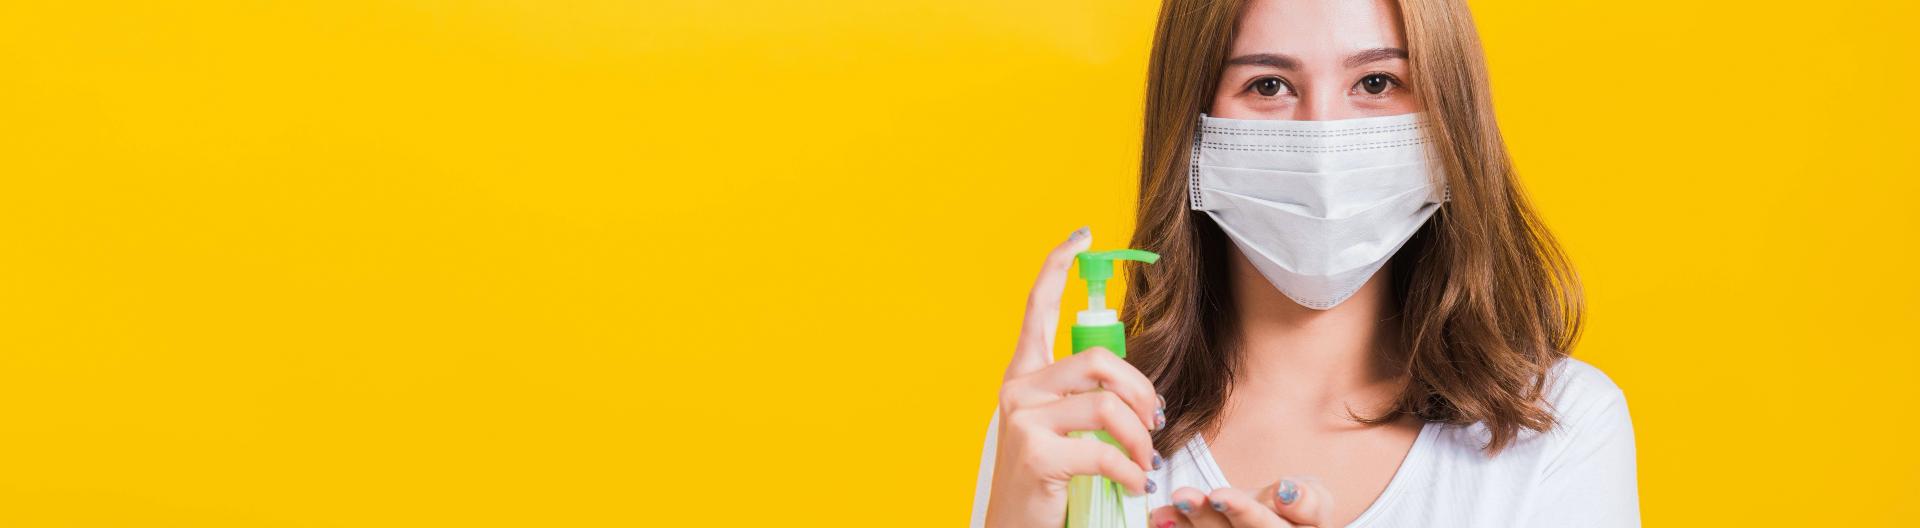 Frau mit Mundschutz und Desinfektionsmittel vor gelben Hintergrund